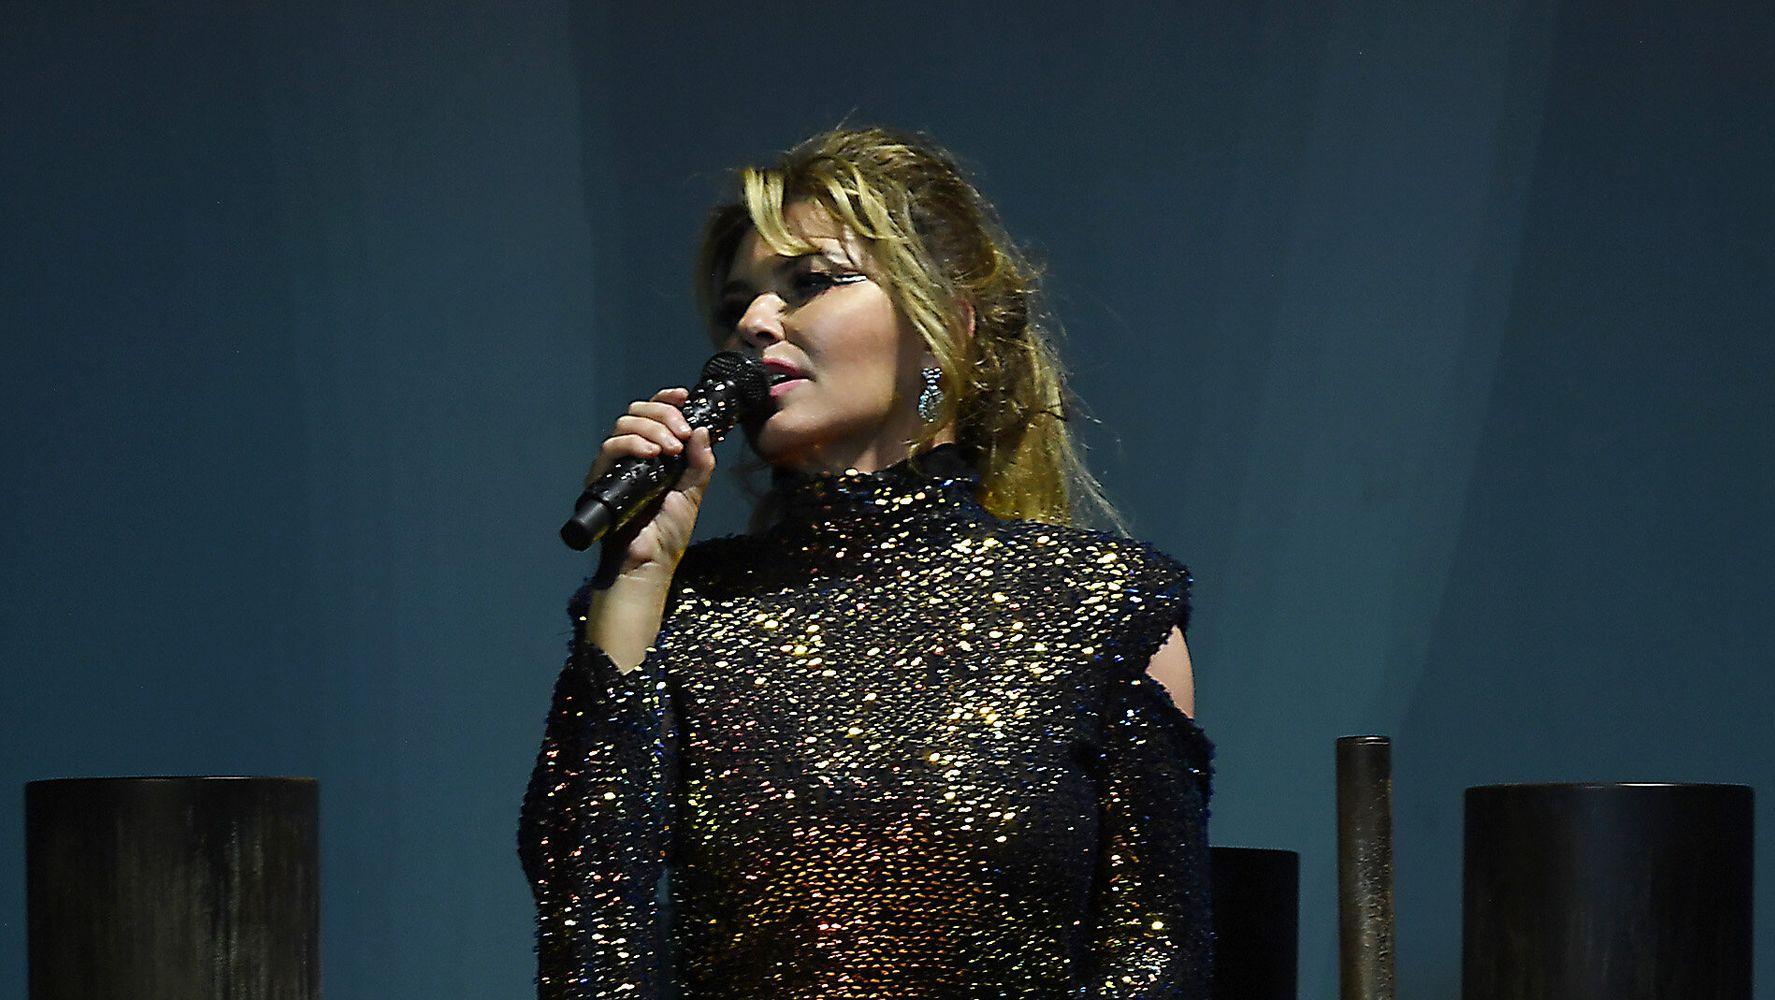 ライム病はほとんどシャナイア・トゥエインの歌のキャリアを終わらせました